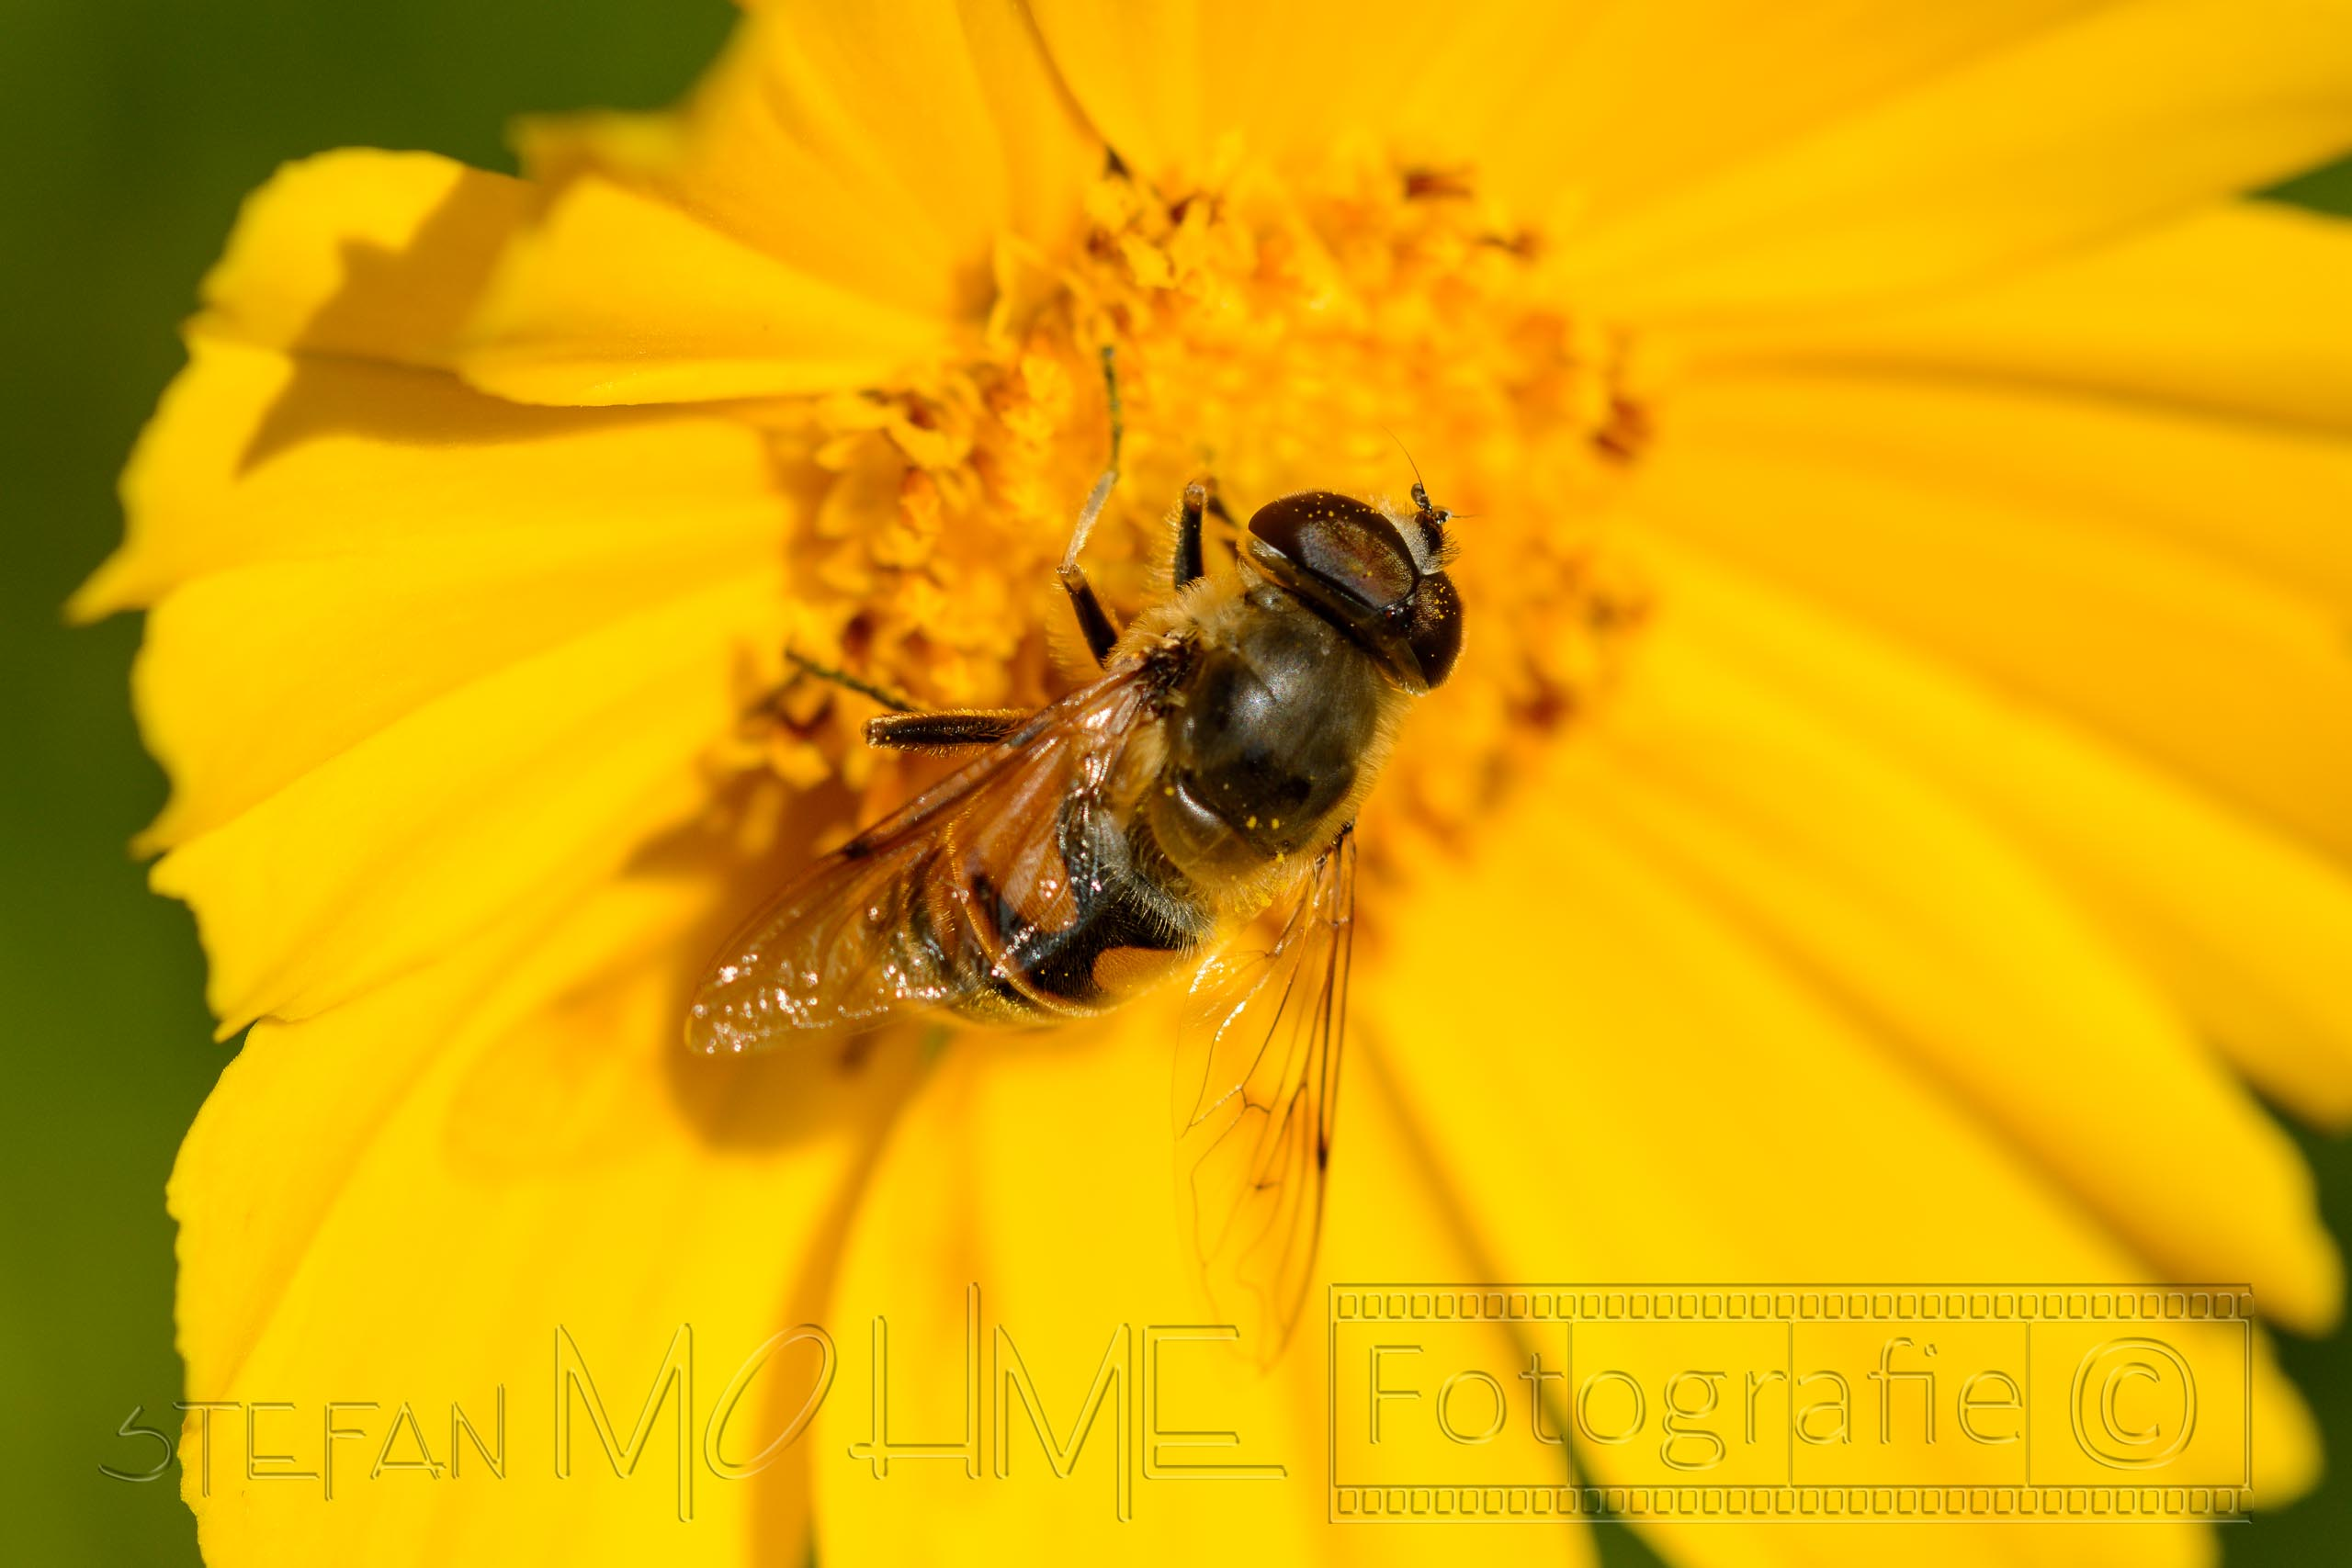 Welche Technik / Ausrüstung brauche ich für die Insektenfotografie?